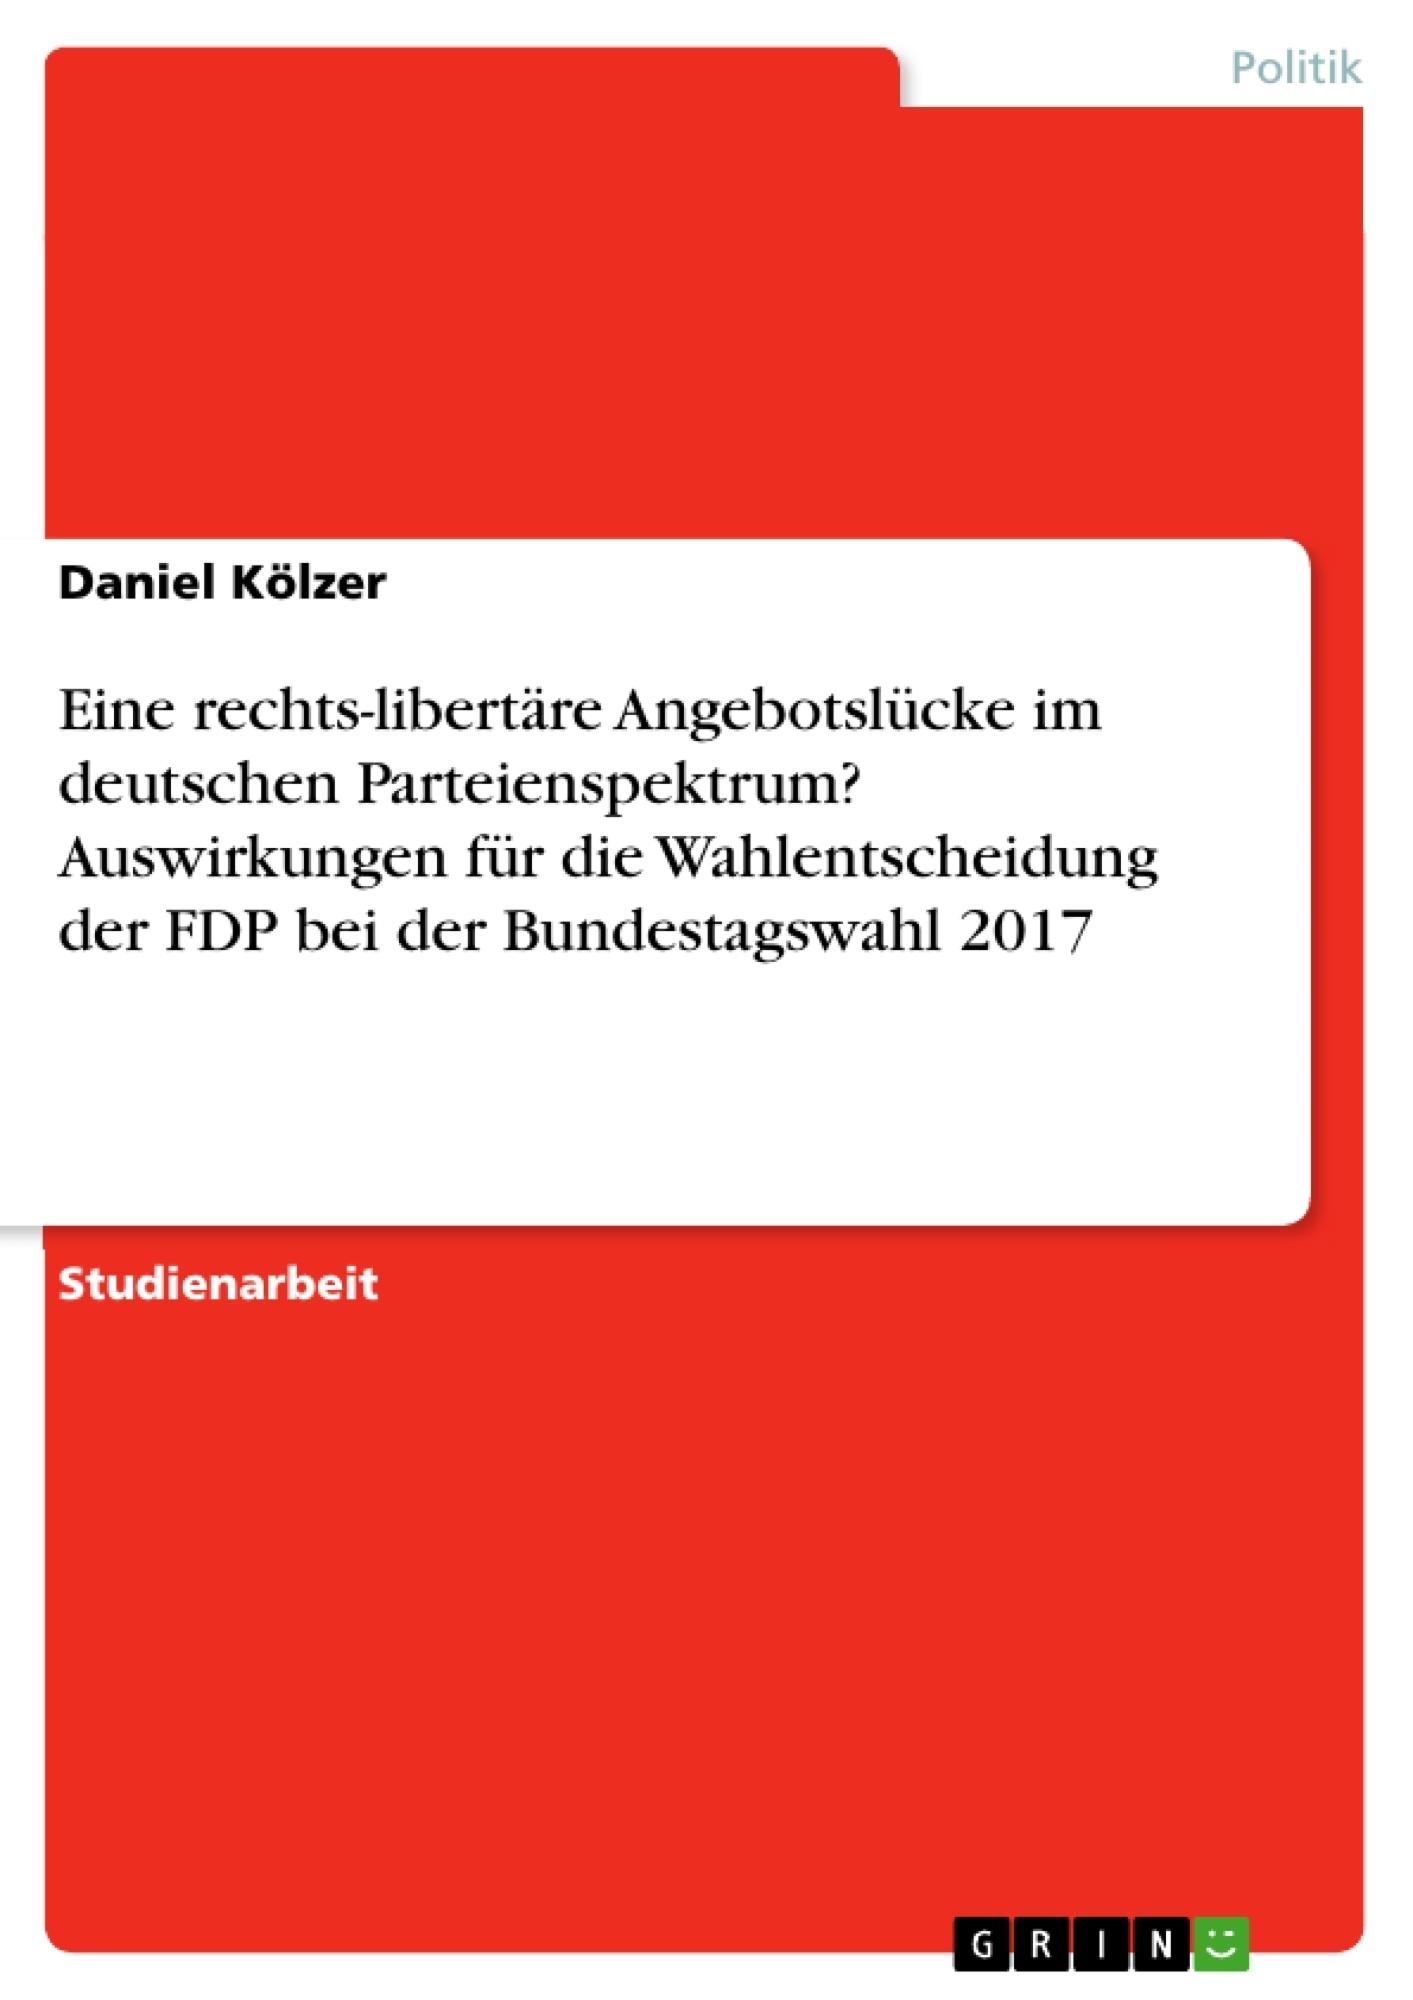 Titel: Eine rechts-libertäre Angebotslücke im deutschen Parteienspektrum? Auswirkungen für die Wahlentscheidung der FDP bei der Bundestagswahl 2017